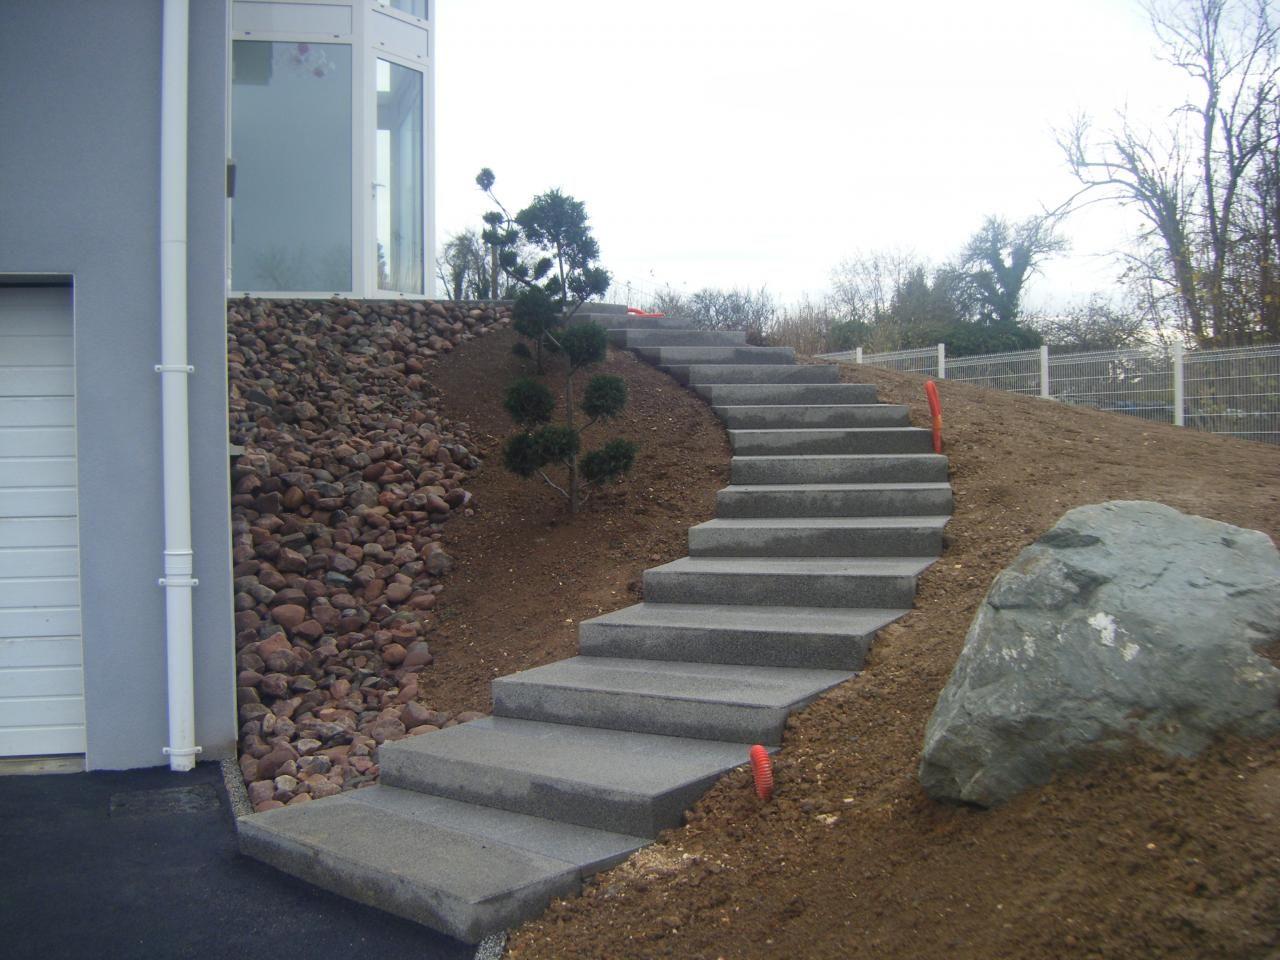 escalier extérieur en béton | escaliers en béton désactivé, mur en ...